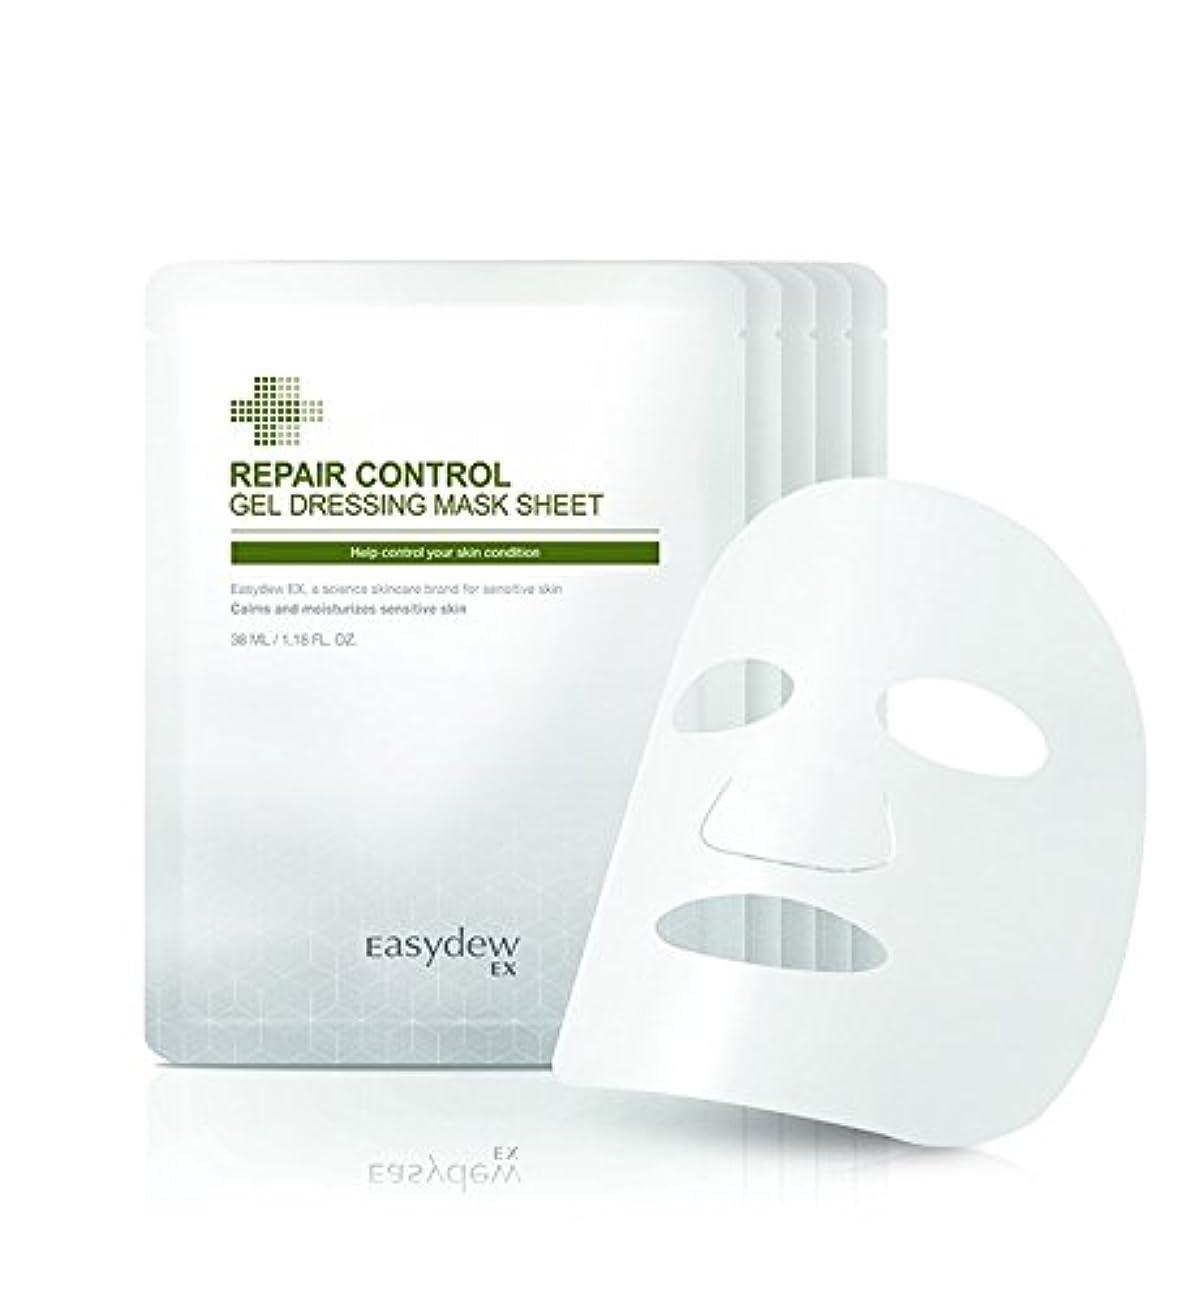 知り合いになる差別的どれかデウン製薬 リペア コントロール ゲルドレッシング マスクシートー38ml X 5枚セット. Repair Control Gel Dressing Mask Sheet 38ml X 5P set.